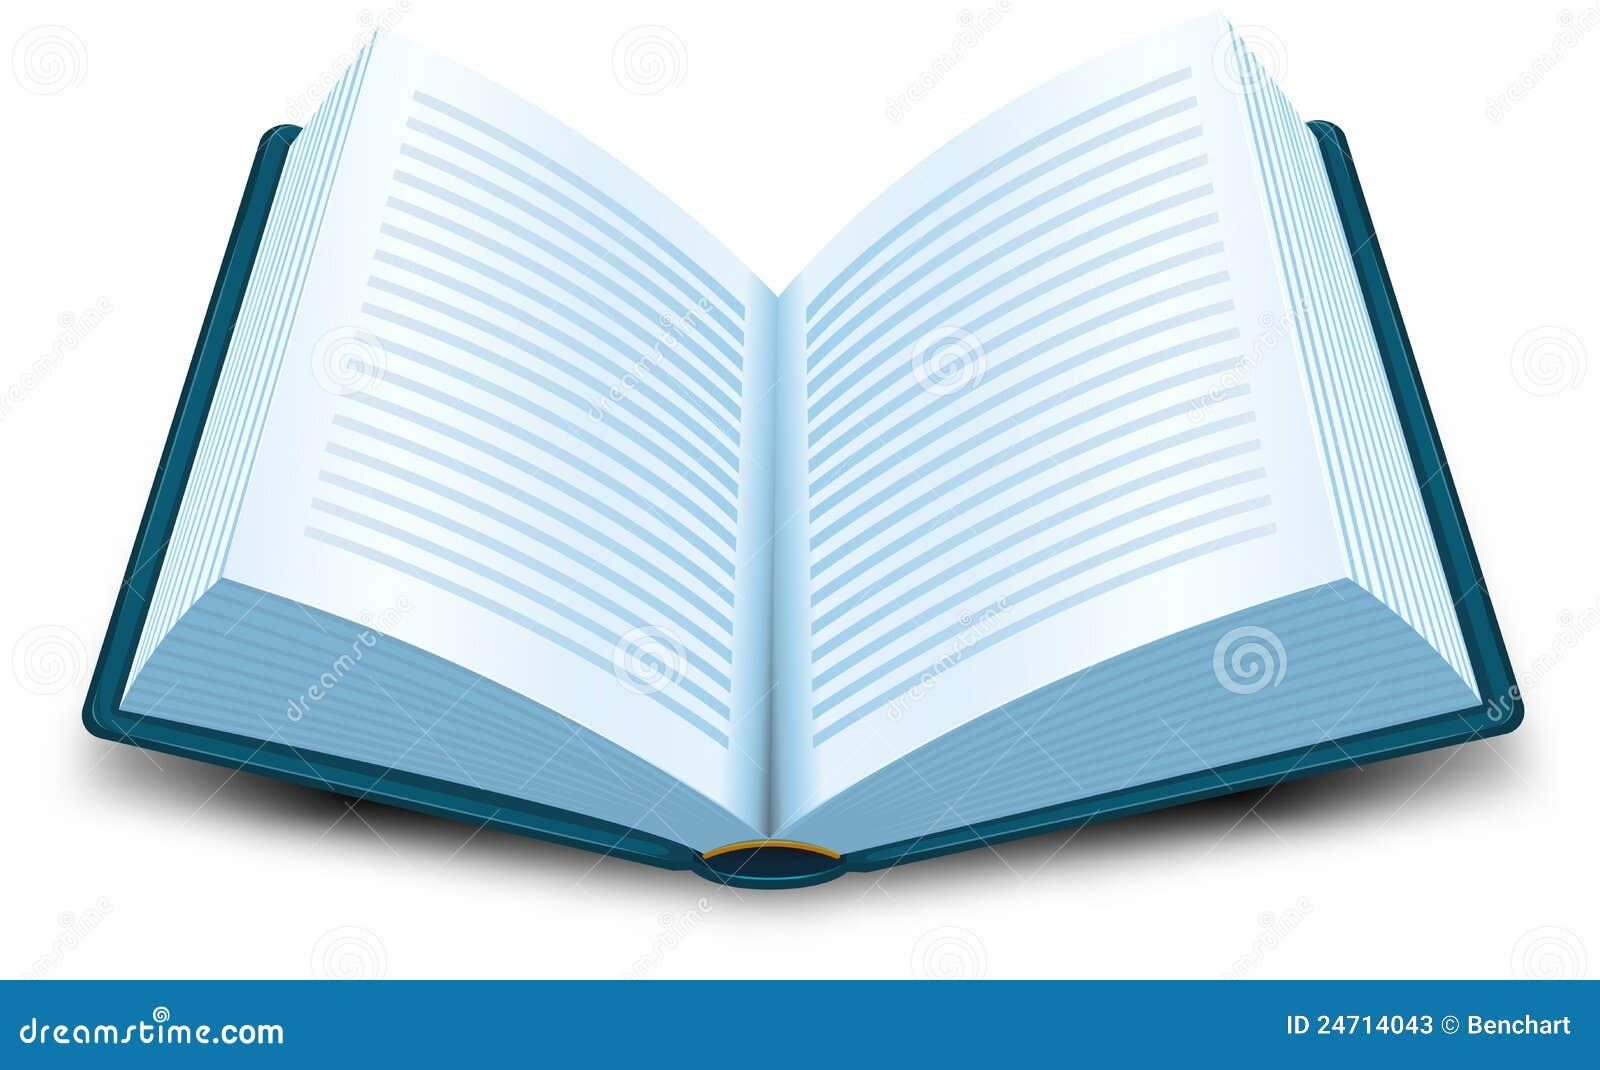 Stock Photos Book Icon Image24714043